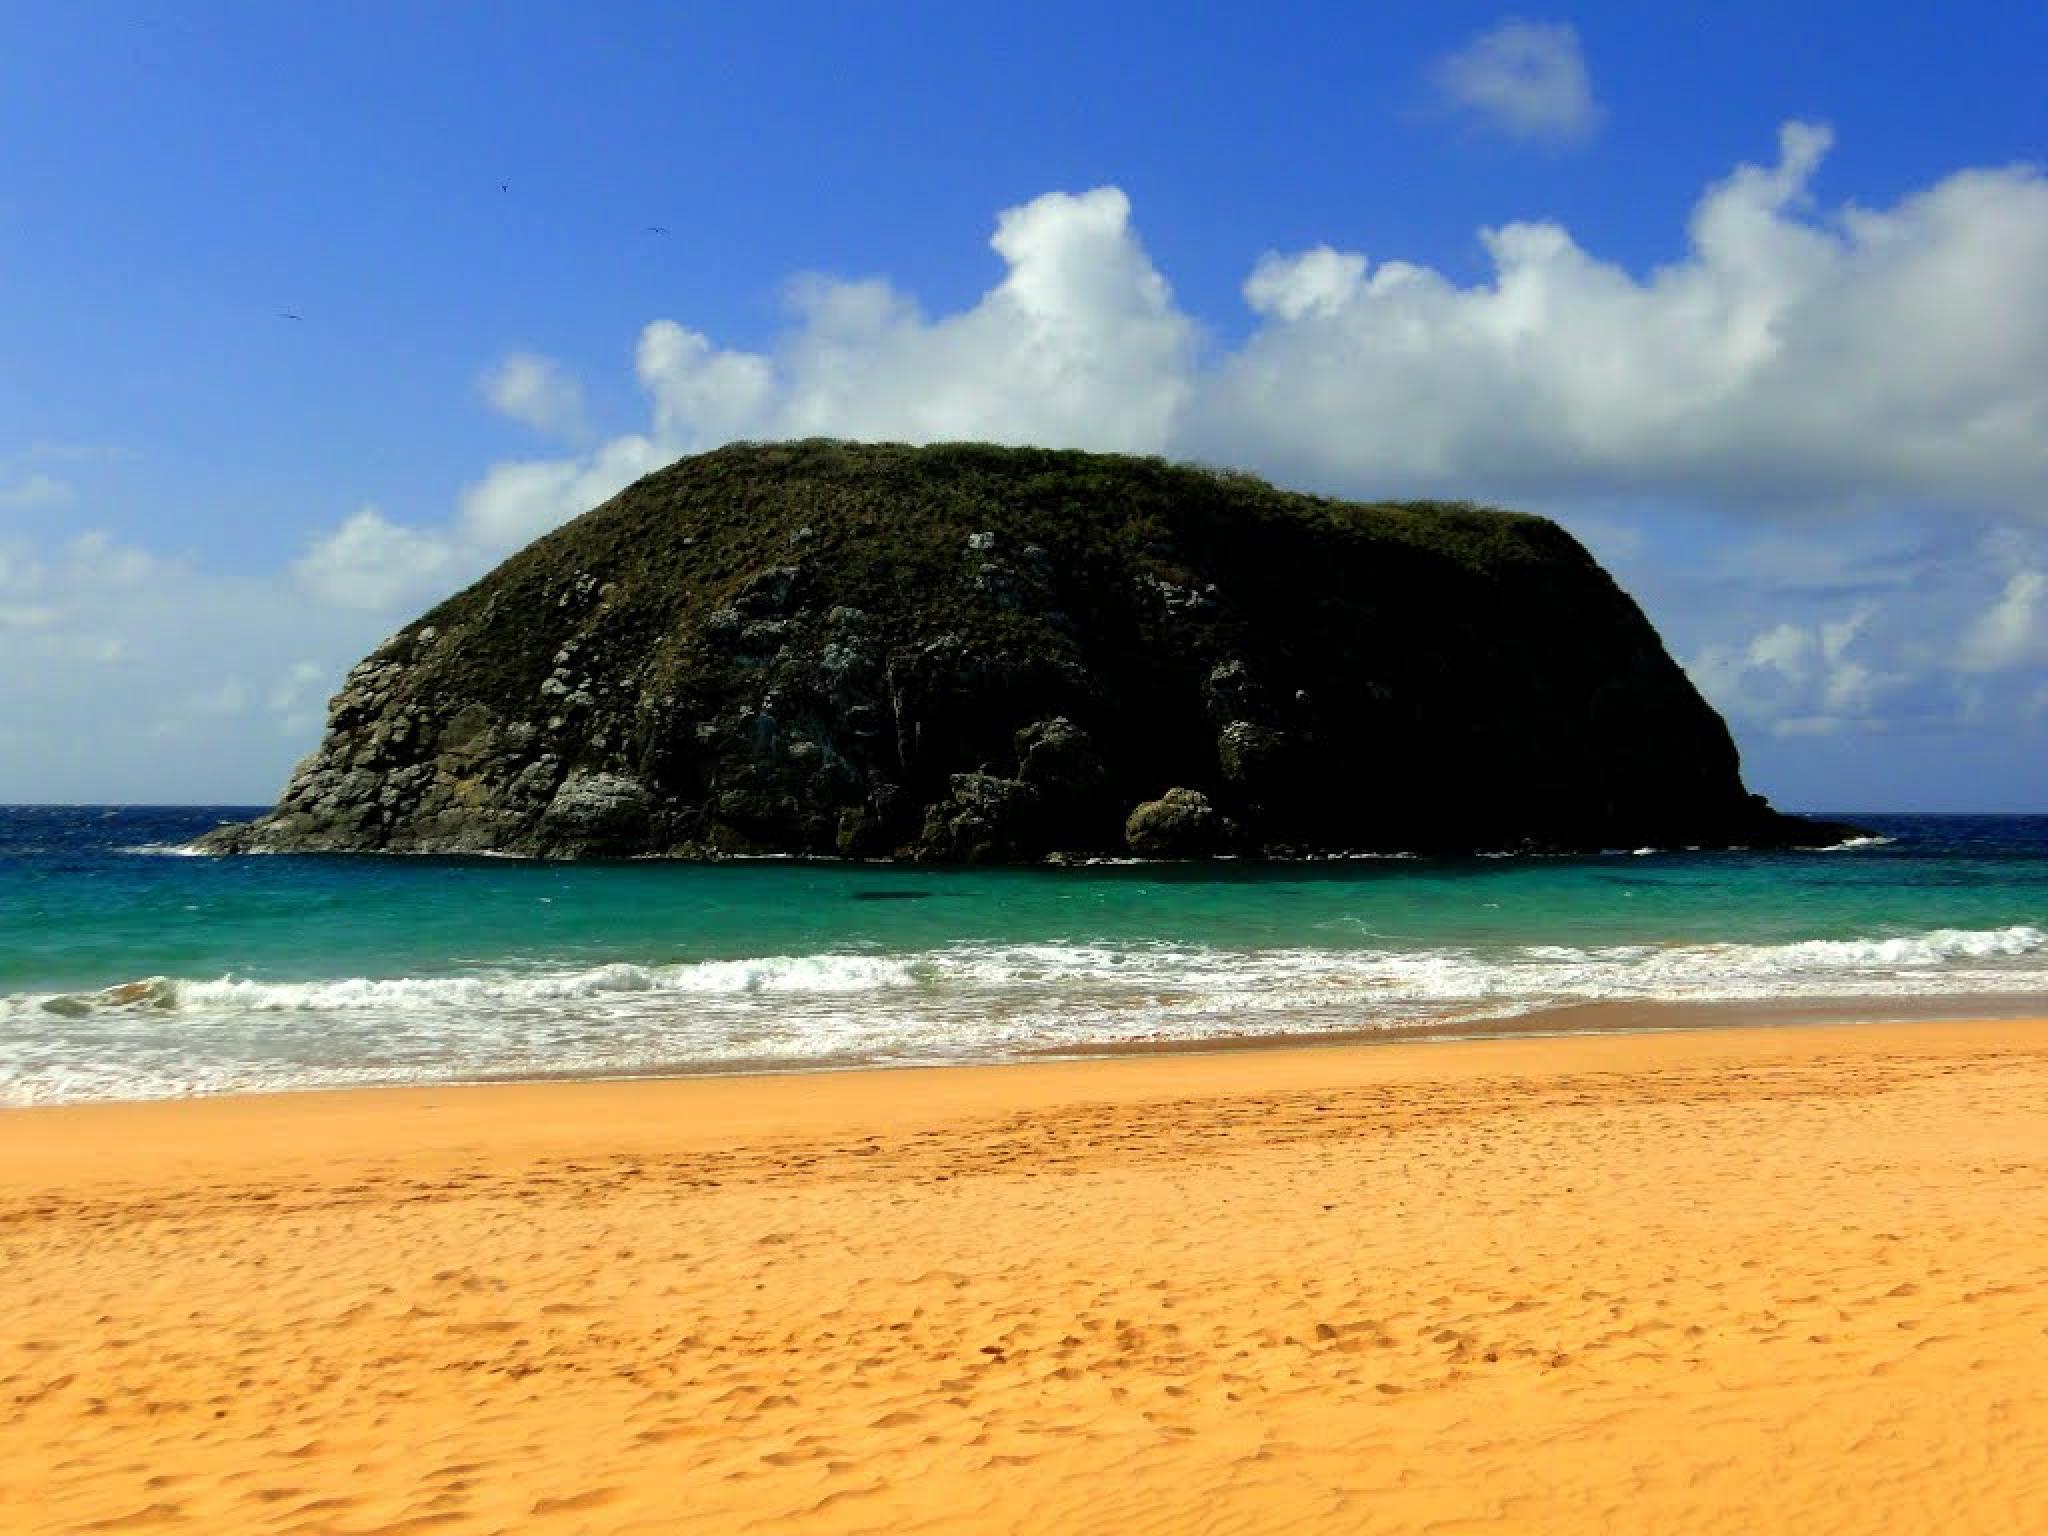 Fernando de Noronha Island, Brazil by Joselito Nardy Ribeiro